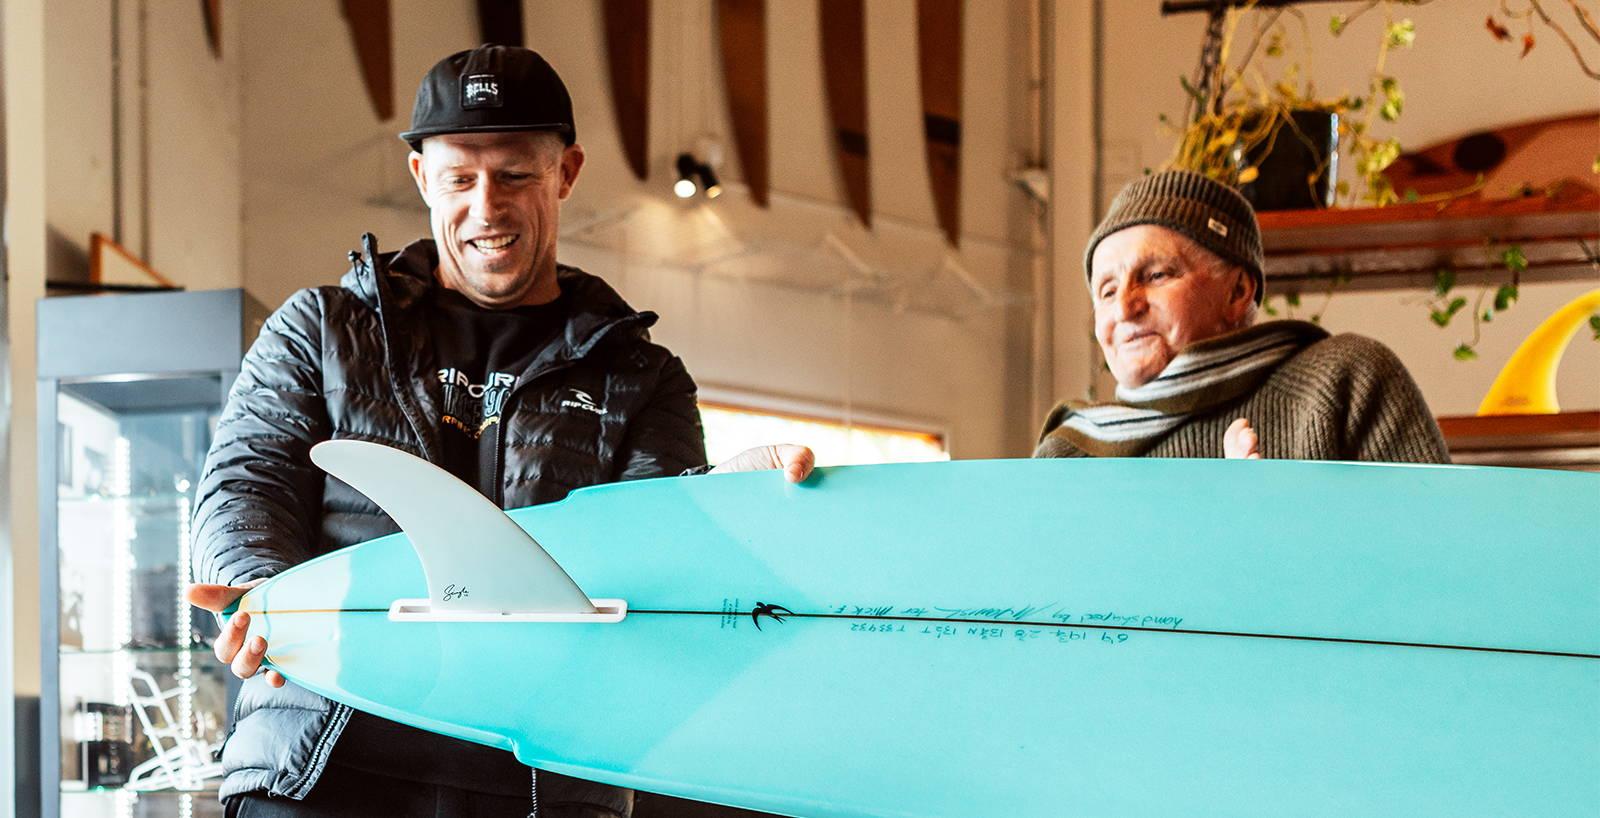 THE SHAPER AWARDS: MICK SURFS THE MCTAVISH BLUEBIRD